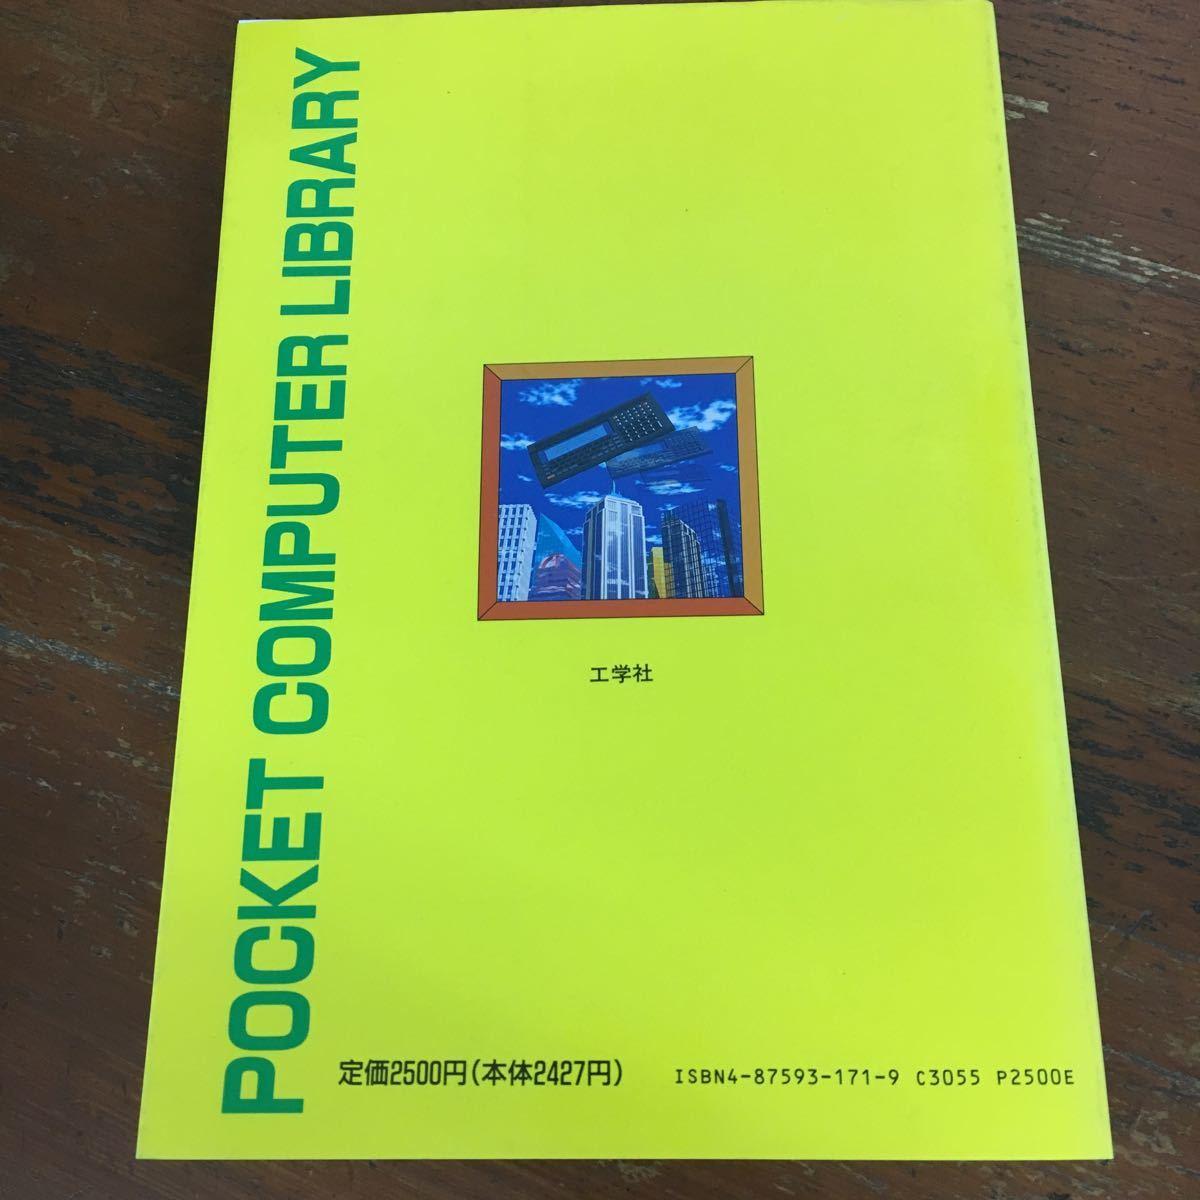 ポケットコンピュータ ポケコン・ライブラリ 2 工学社 i/o ブック 1992年 初版_画像6